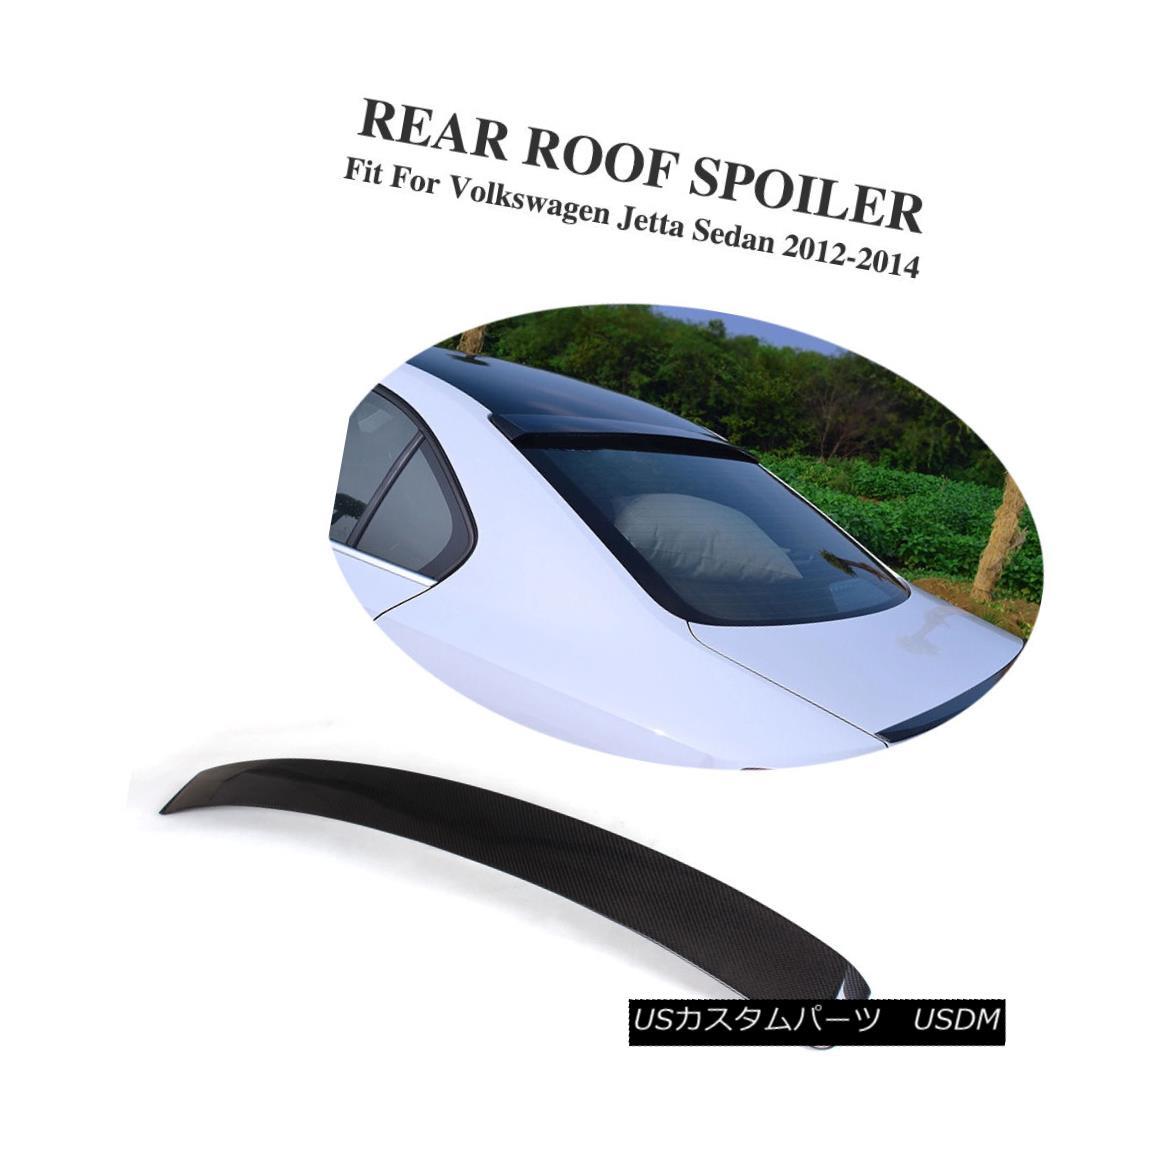 エアロパーツ Rear Roof Spoiler Trunk Wing Carbon Fiber Fit For Volkswagen Jetta Sedan 12-14 フォルクスワーゲンジェッタセダン12-14用リアルーフスポイラートランクウィングカーボンファイバーフィット